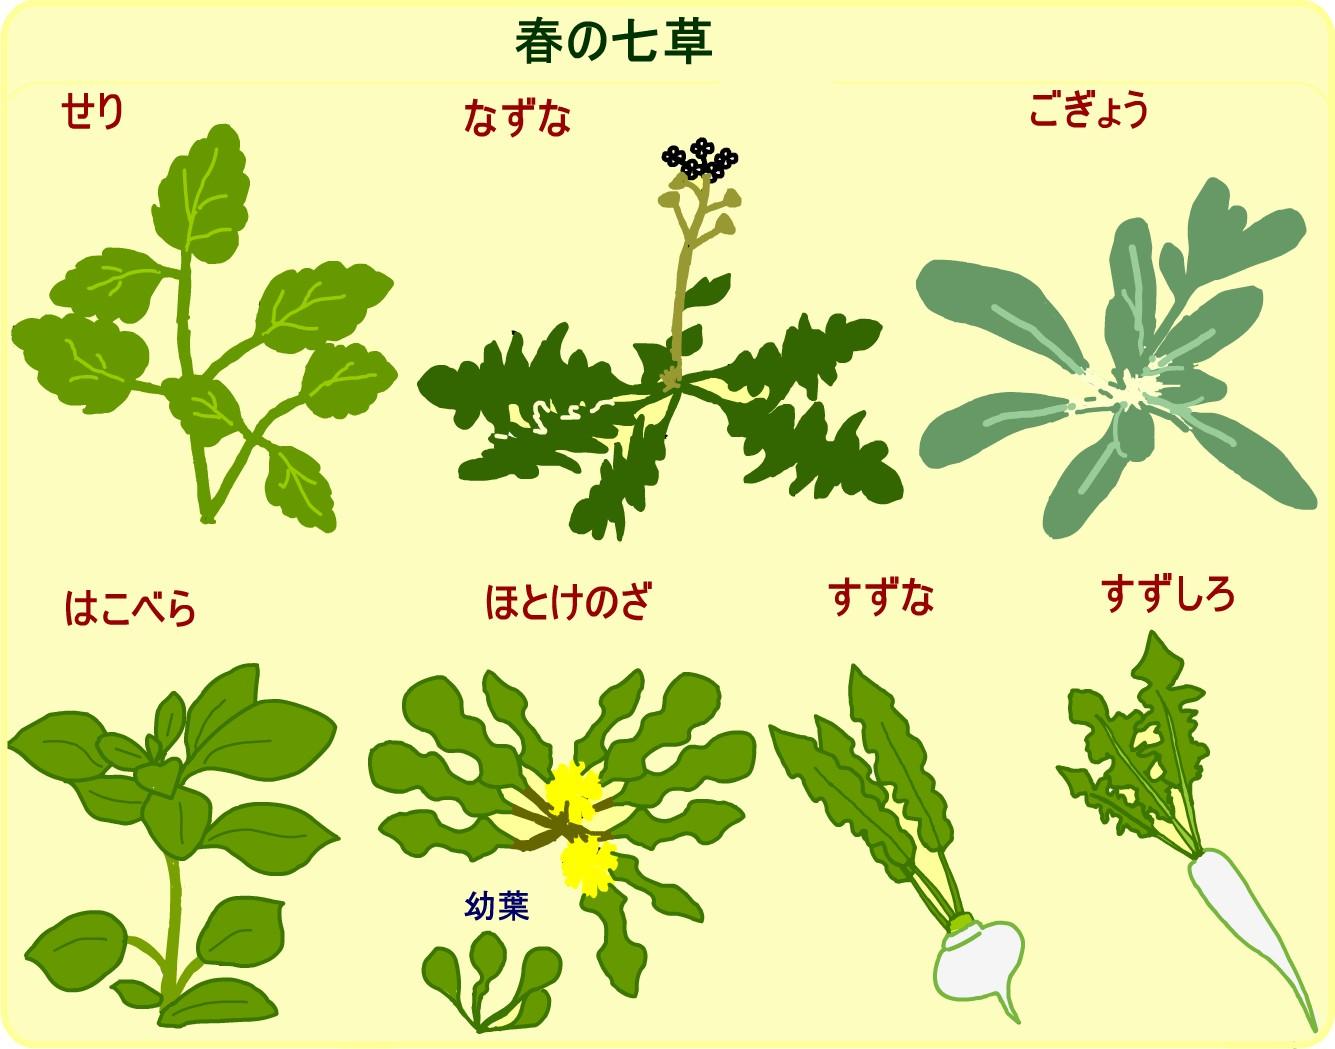 「七草 イラスト」の画像検索結果